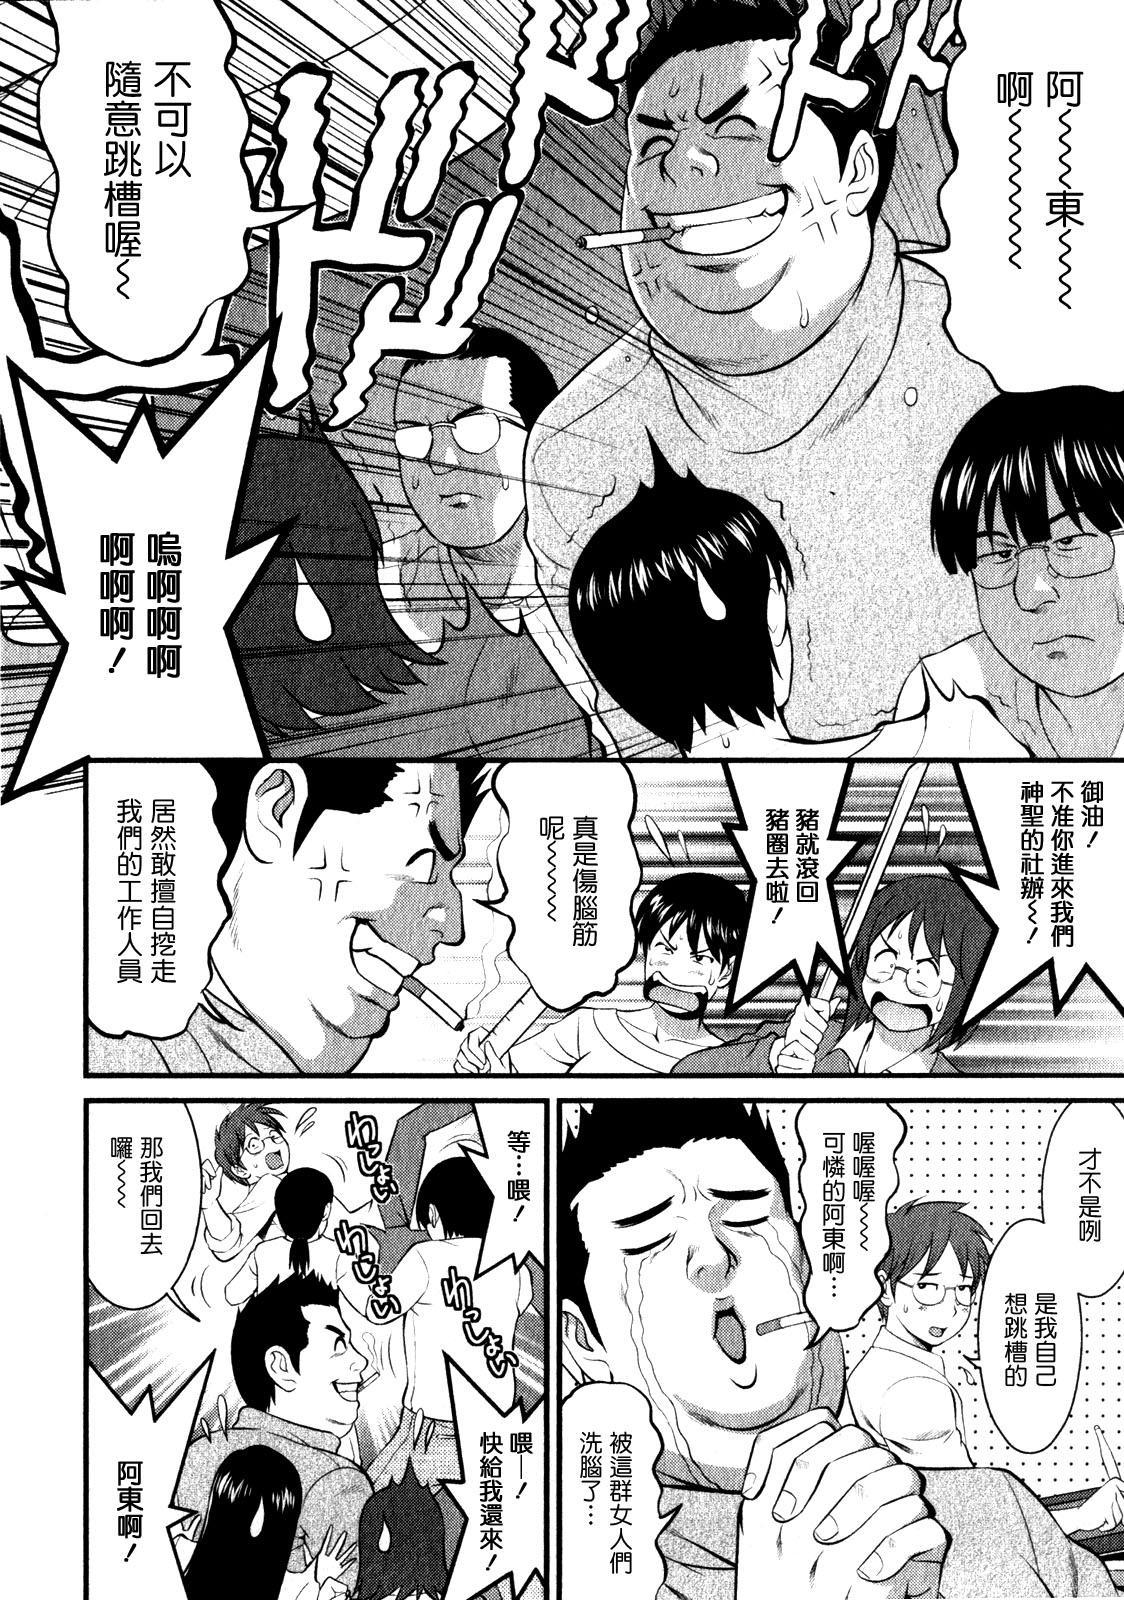 Otaku no Megami-san 1 111